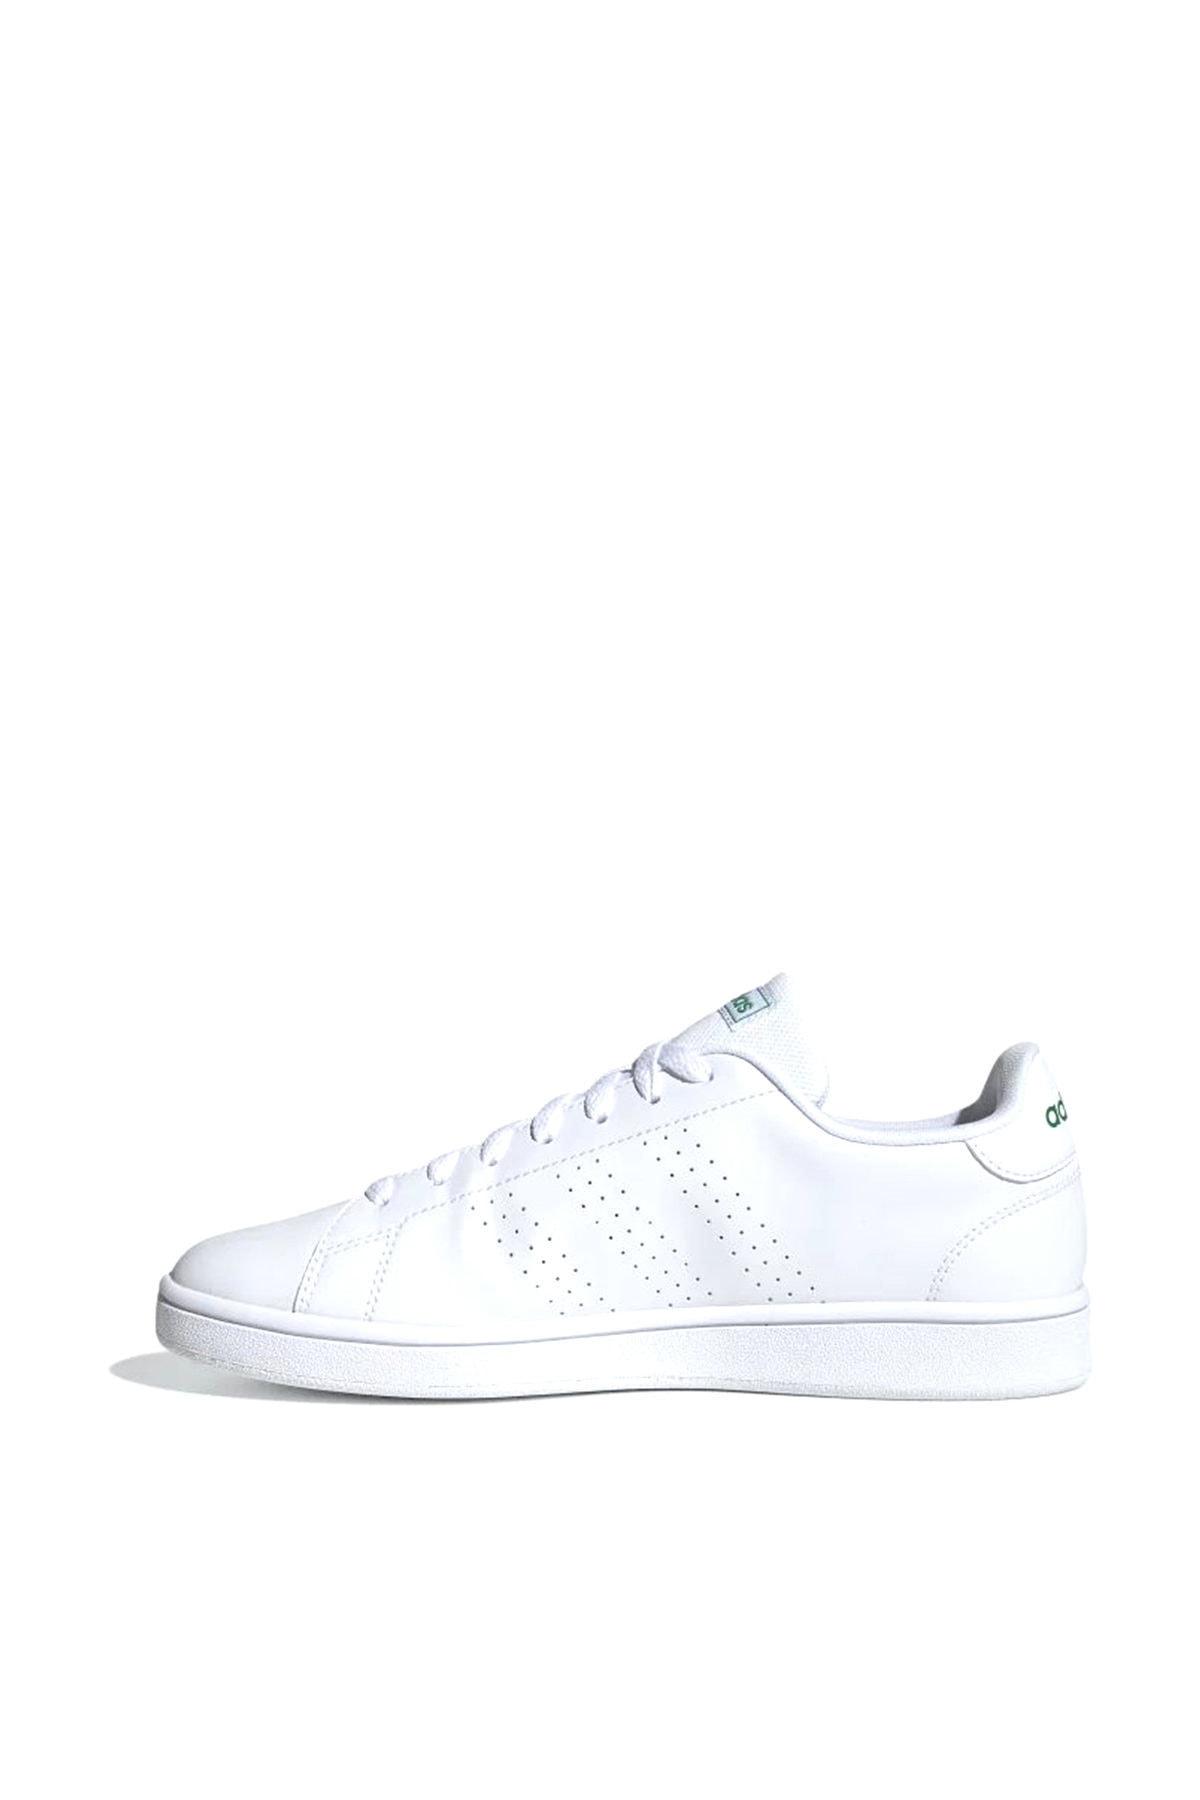 adidas Advantage Base Erkek Günlük Ayakkabı EE7690 2